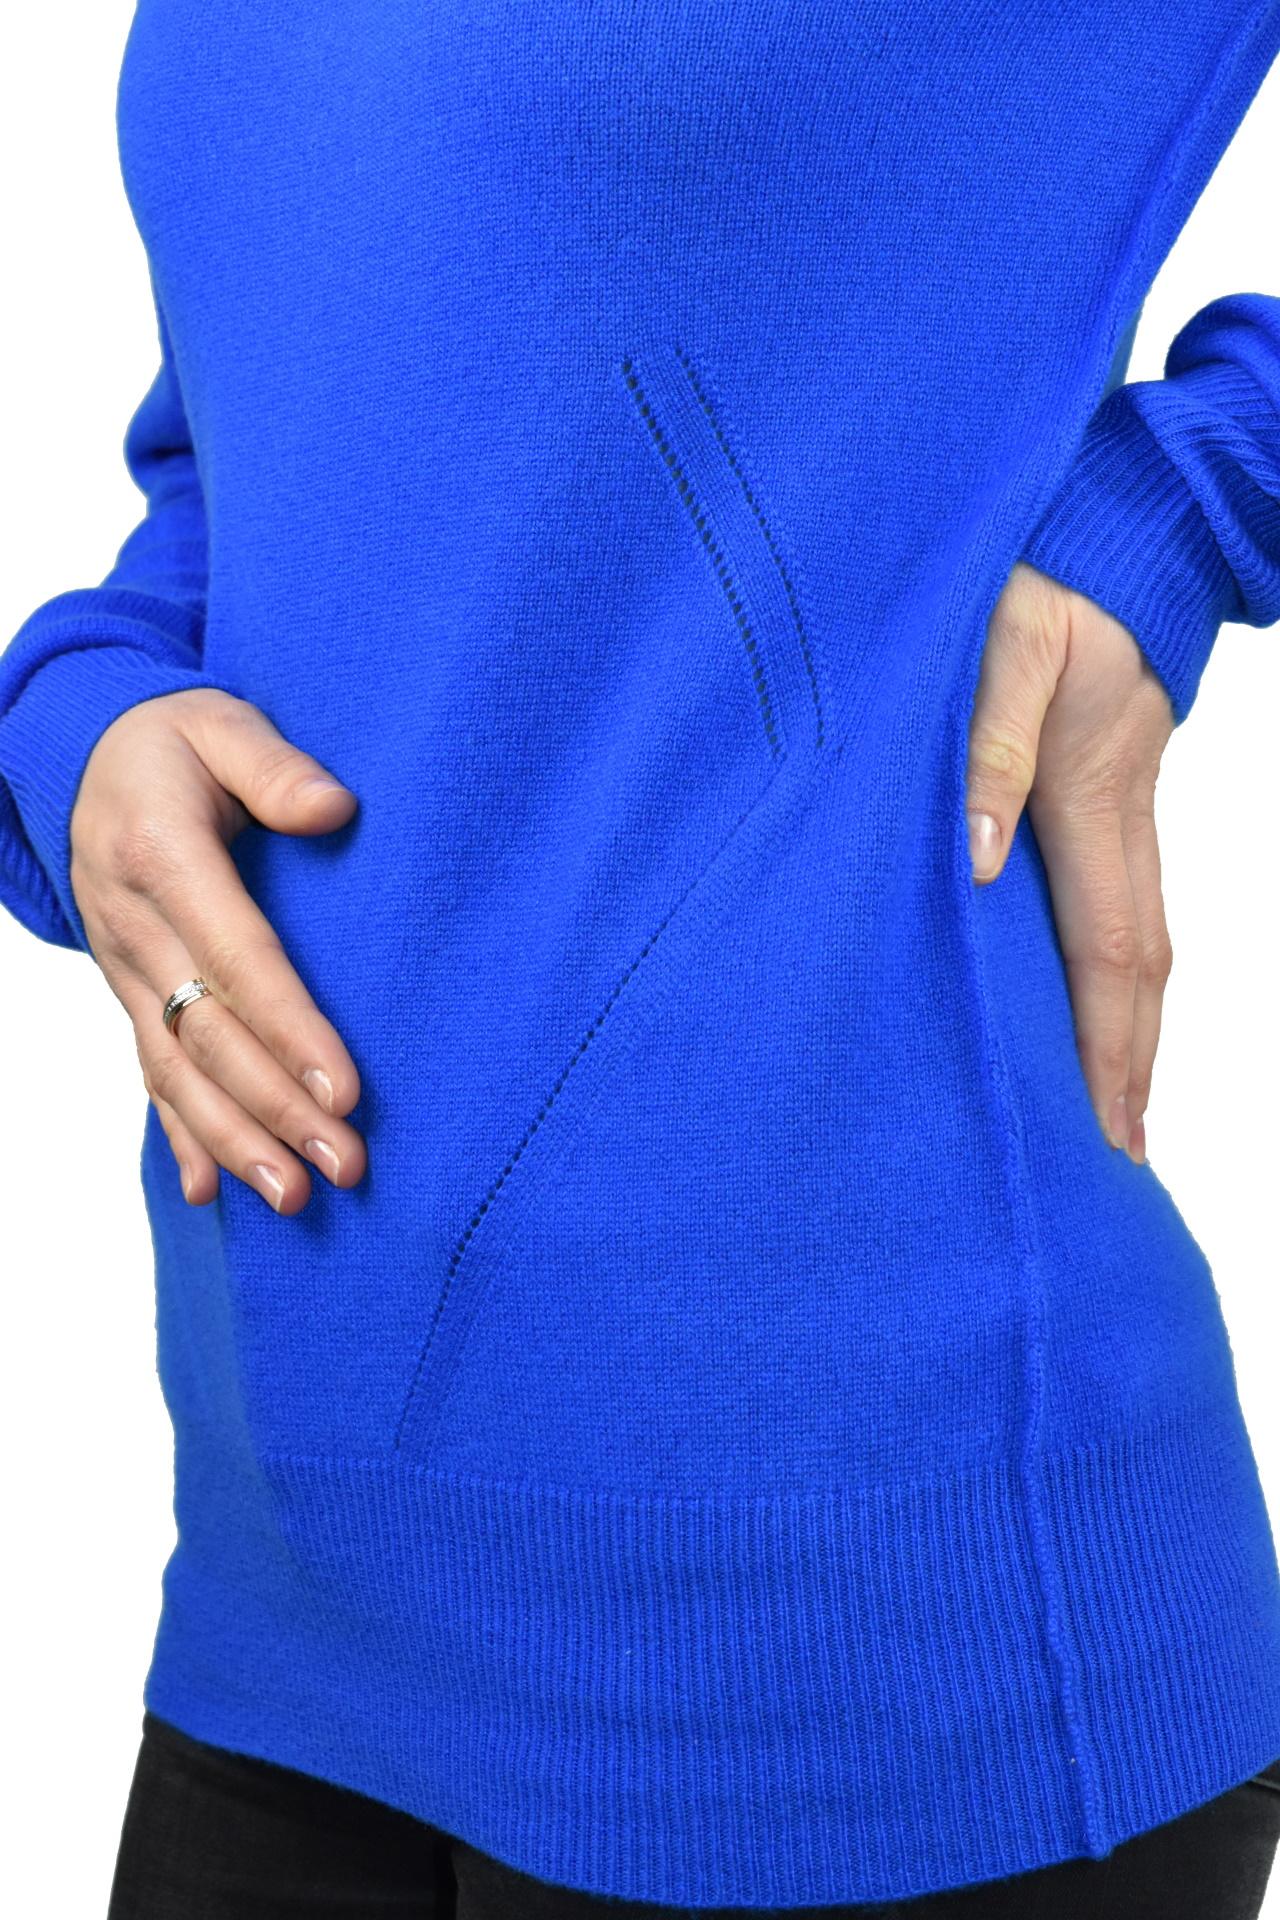 MAVISMBA ROYAL MAGLIA DONNA GIROCOLLO 100 CASHMERE MANICA LUNGA 4 1stAmerican maglia girocollo 100% puro cashmere Made in Italy da donna con lavorazione traforata - finezza 12